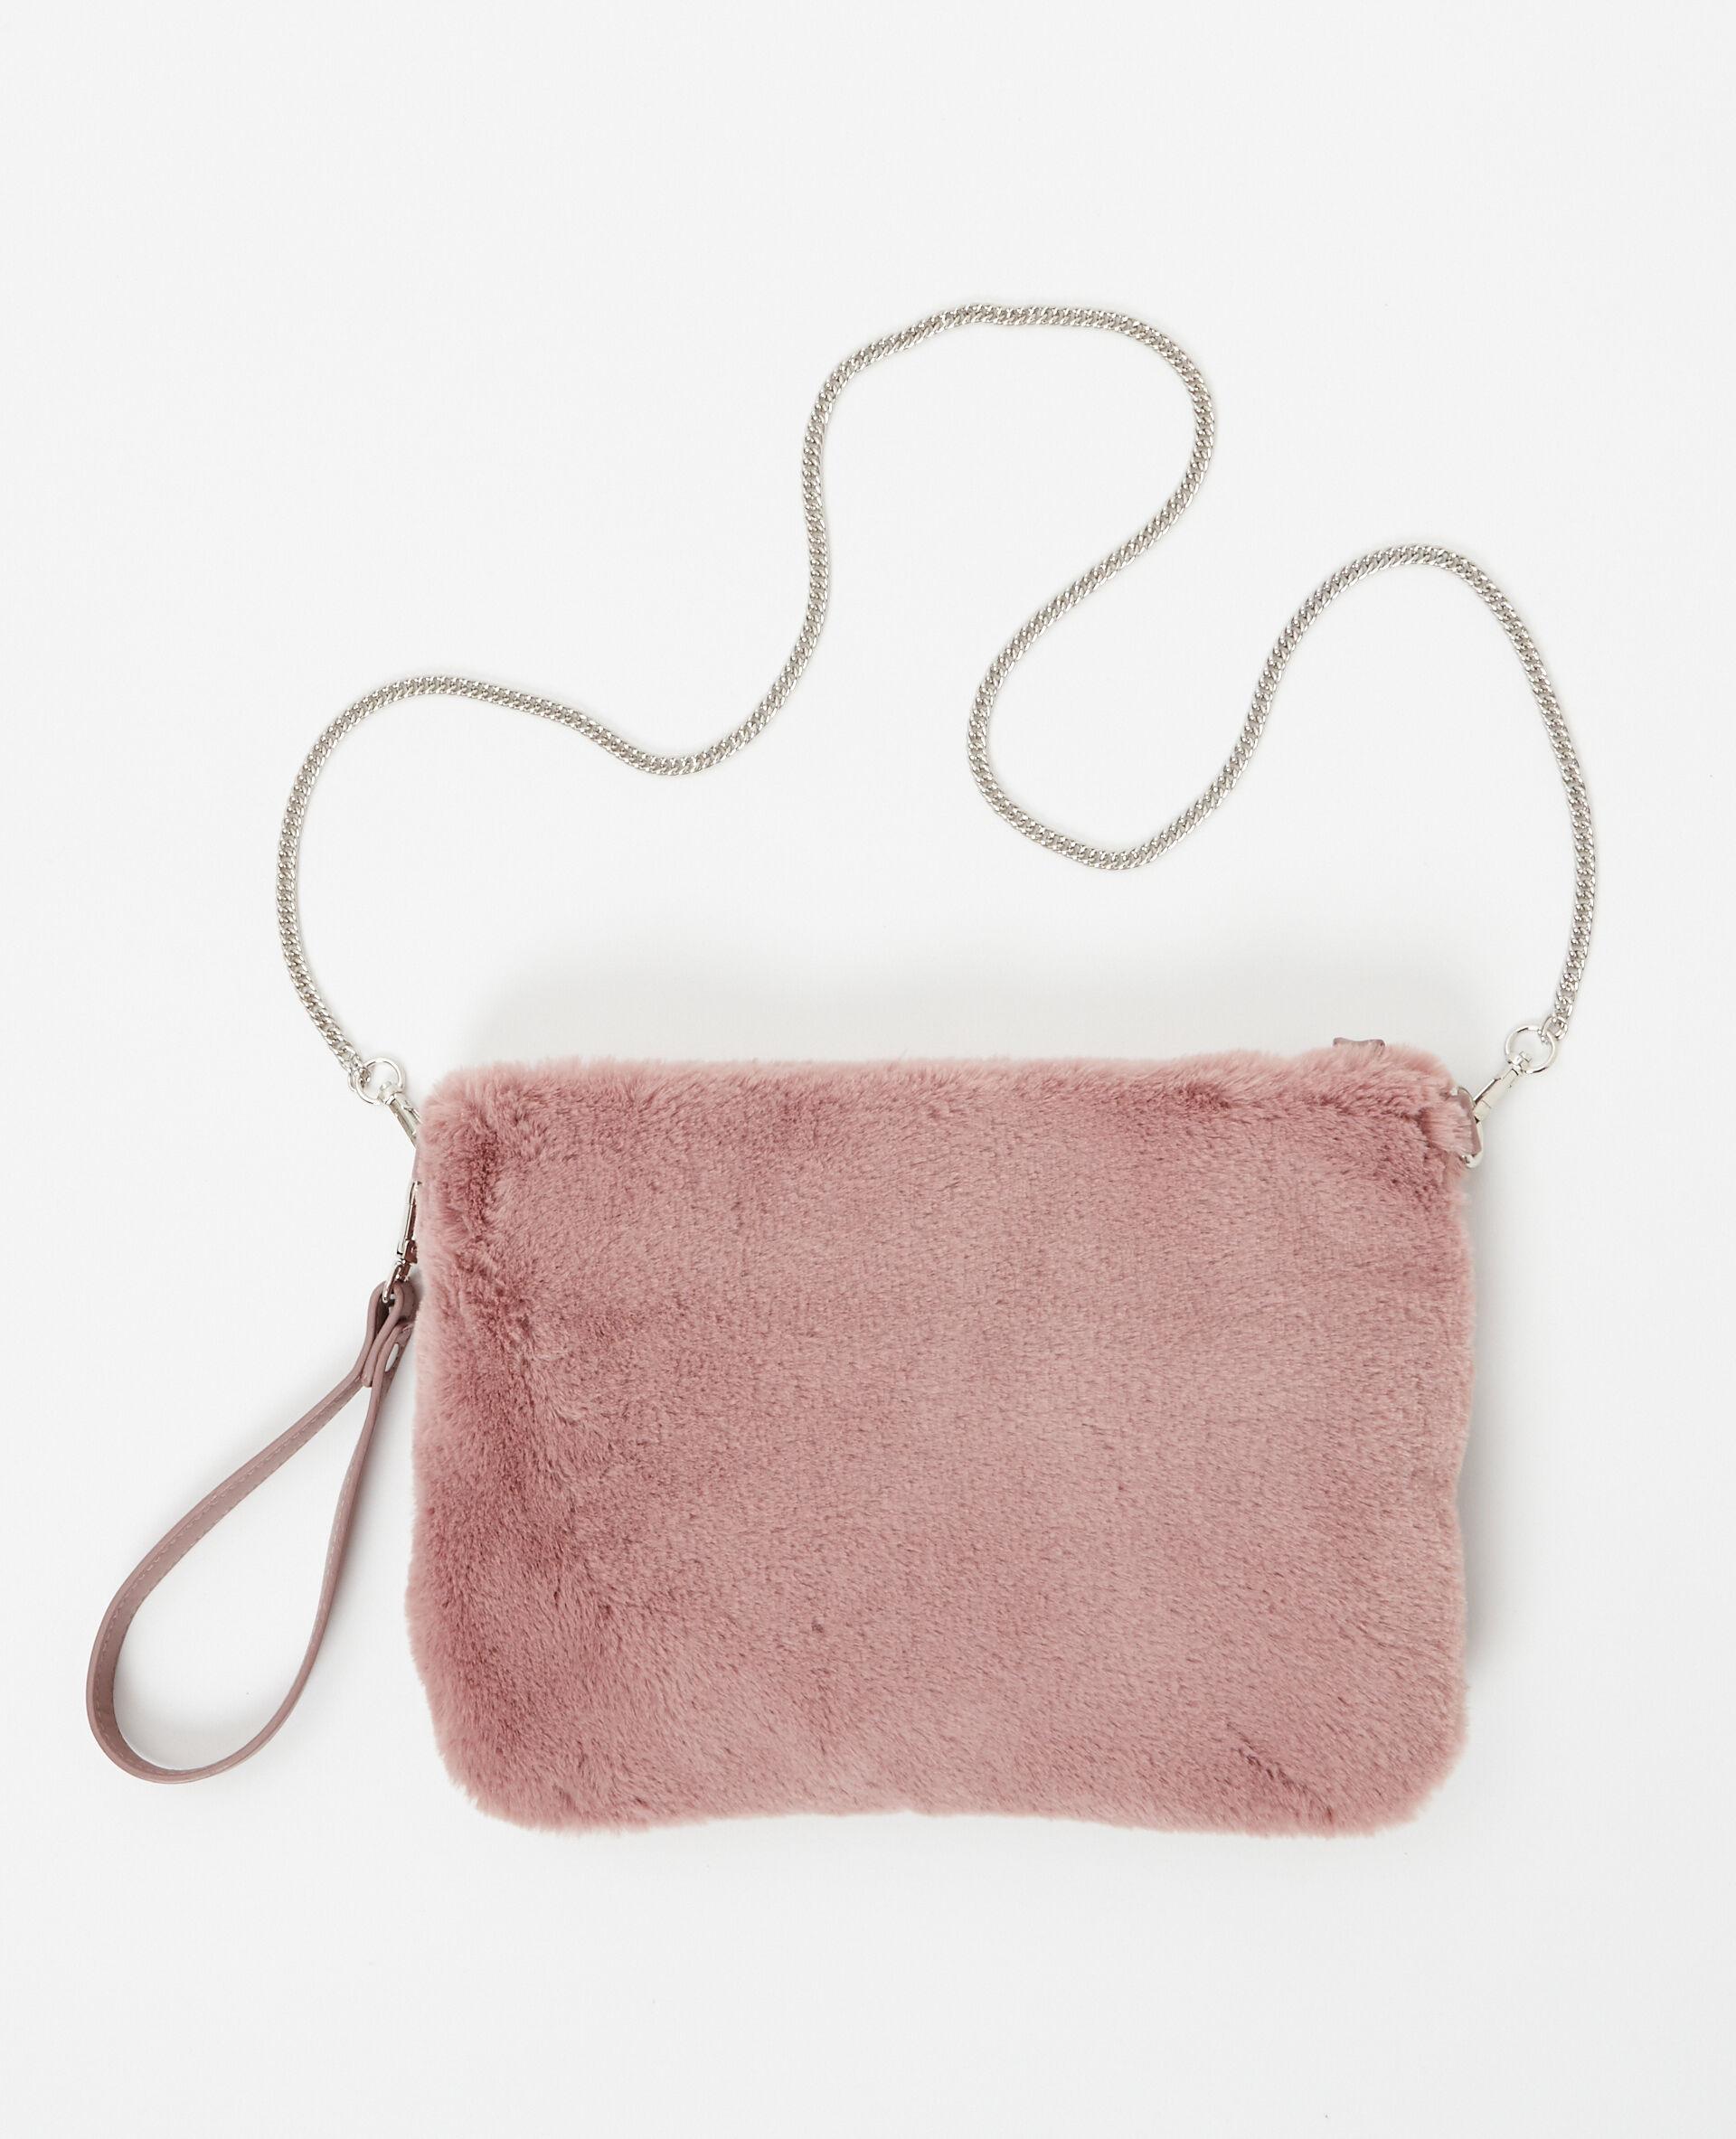 grand sac pochette en fausse fourrure femme couleur rose pimkie mode femme 26a4e44c8695